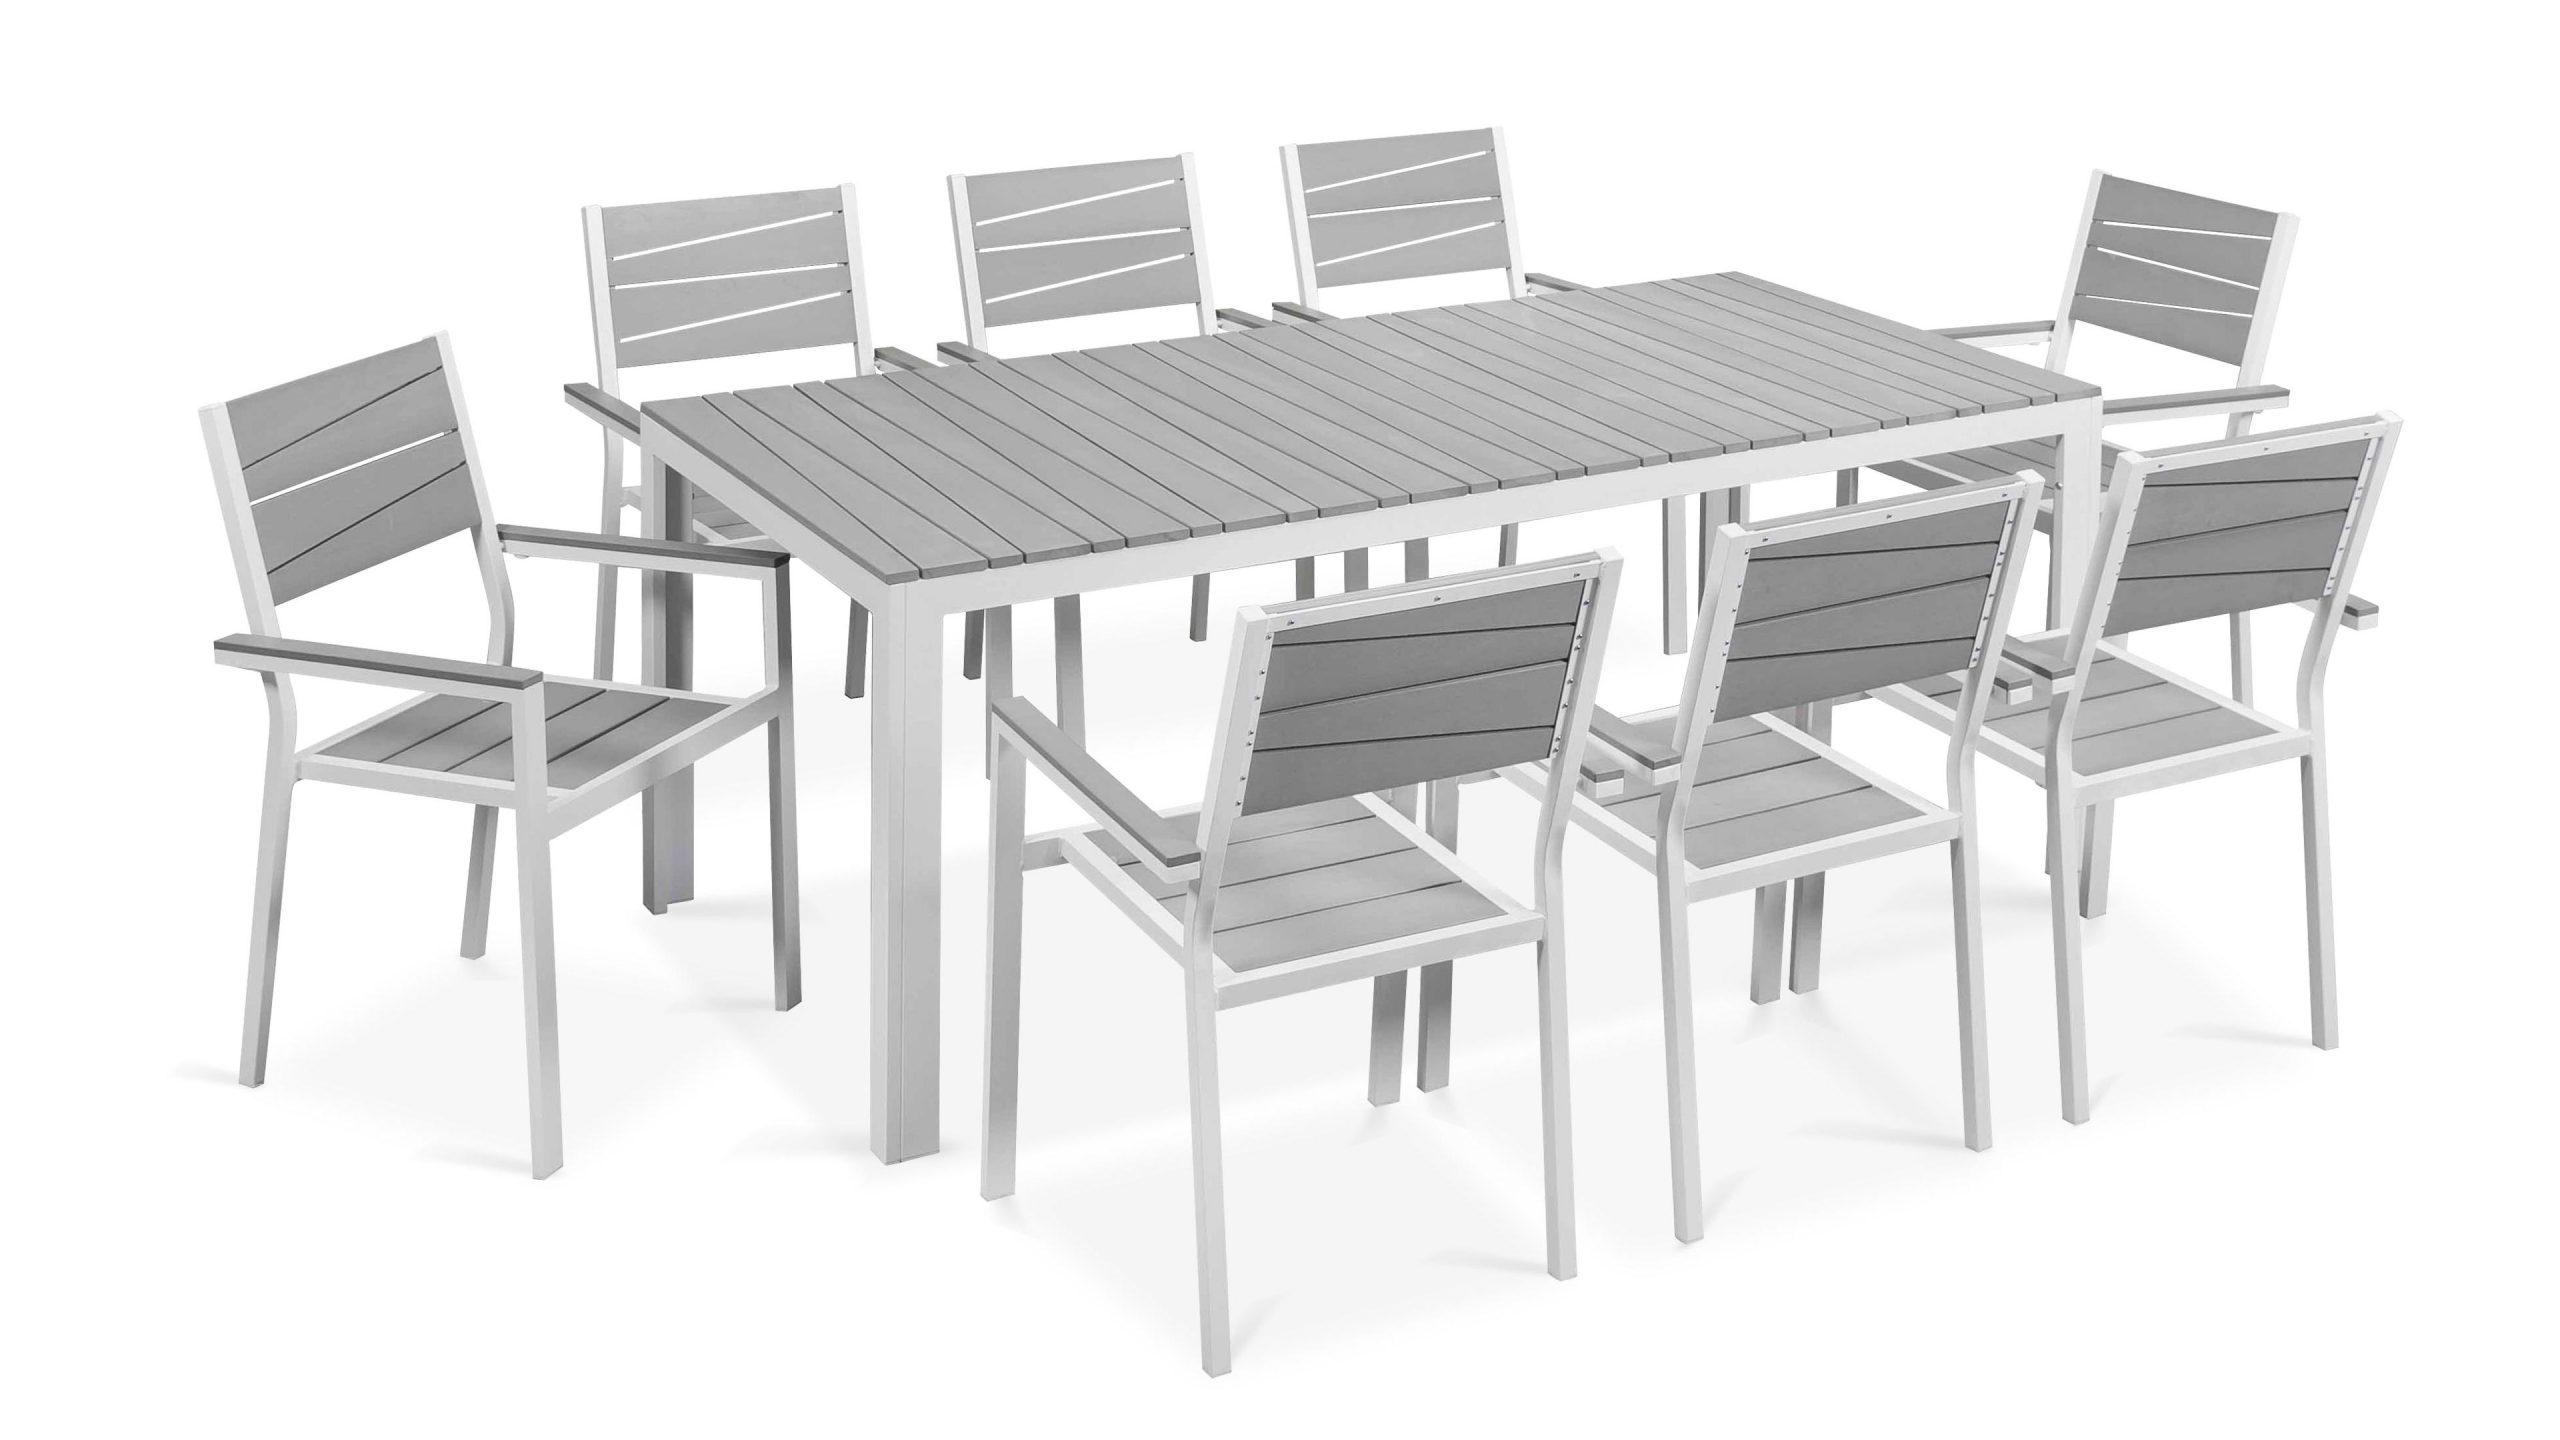 Table De Jardin 8 Places Aluminium Polywood destiné Table De Jardin Promo